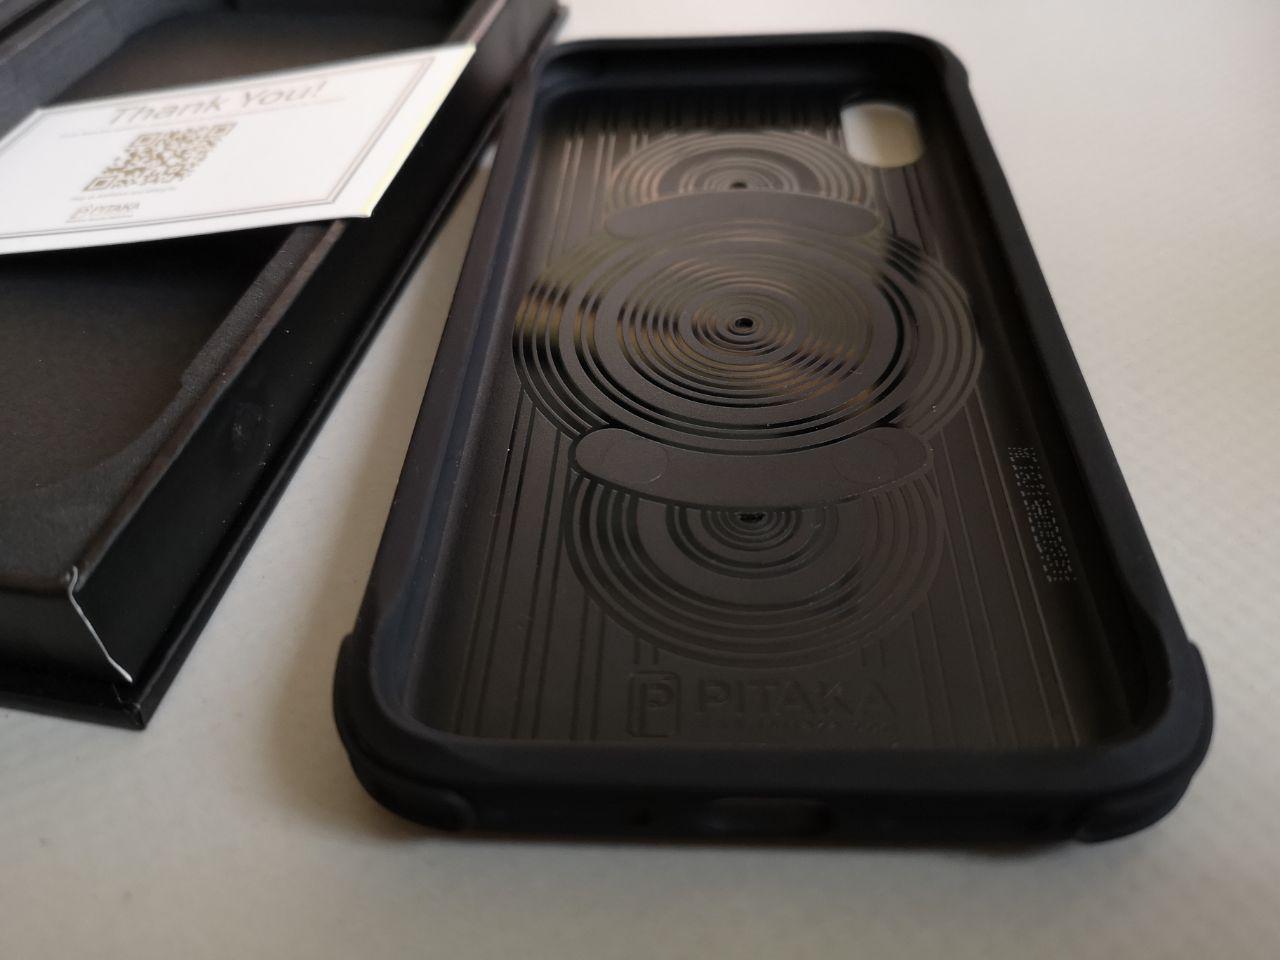 Pitaka Magcase Pro, la cover per iPhone Xr 5